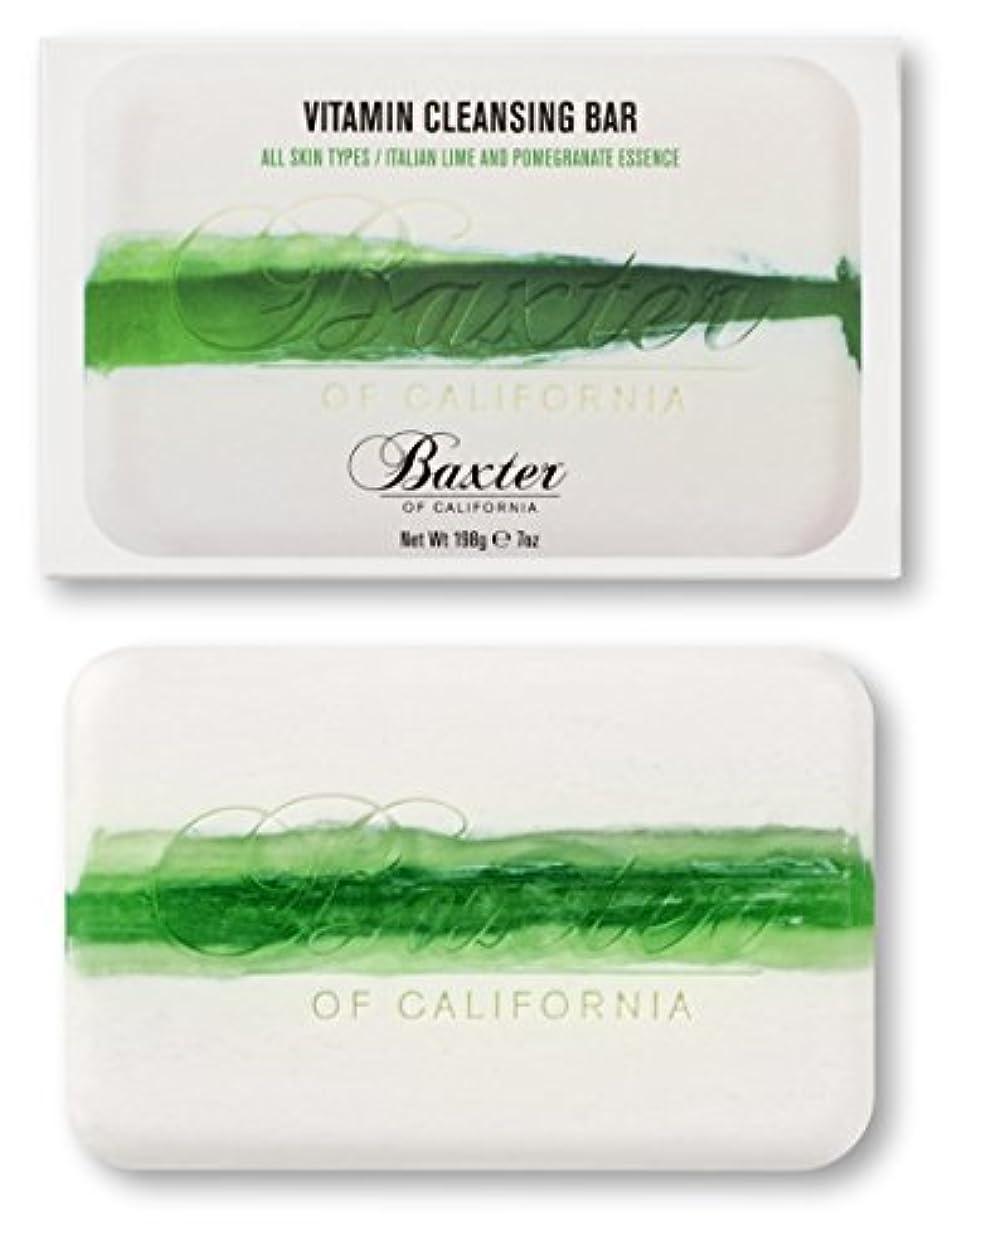 イースターアンカーくまBaxter OF CALIFORNIA(バクスター オブ カリフォルニア) ビタミンクレンジングバー イタリアンライム&ポメグラネート 198g